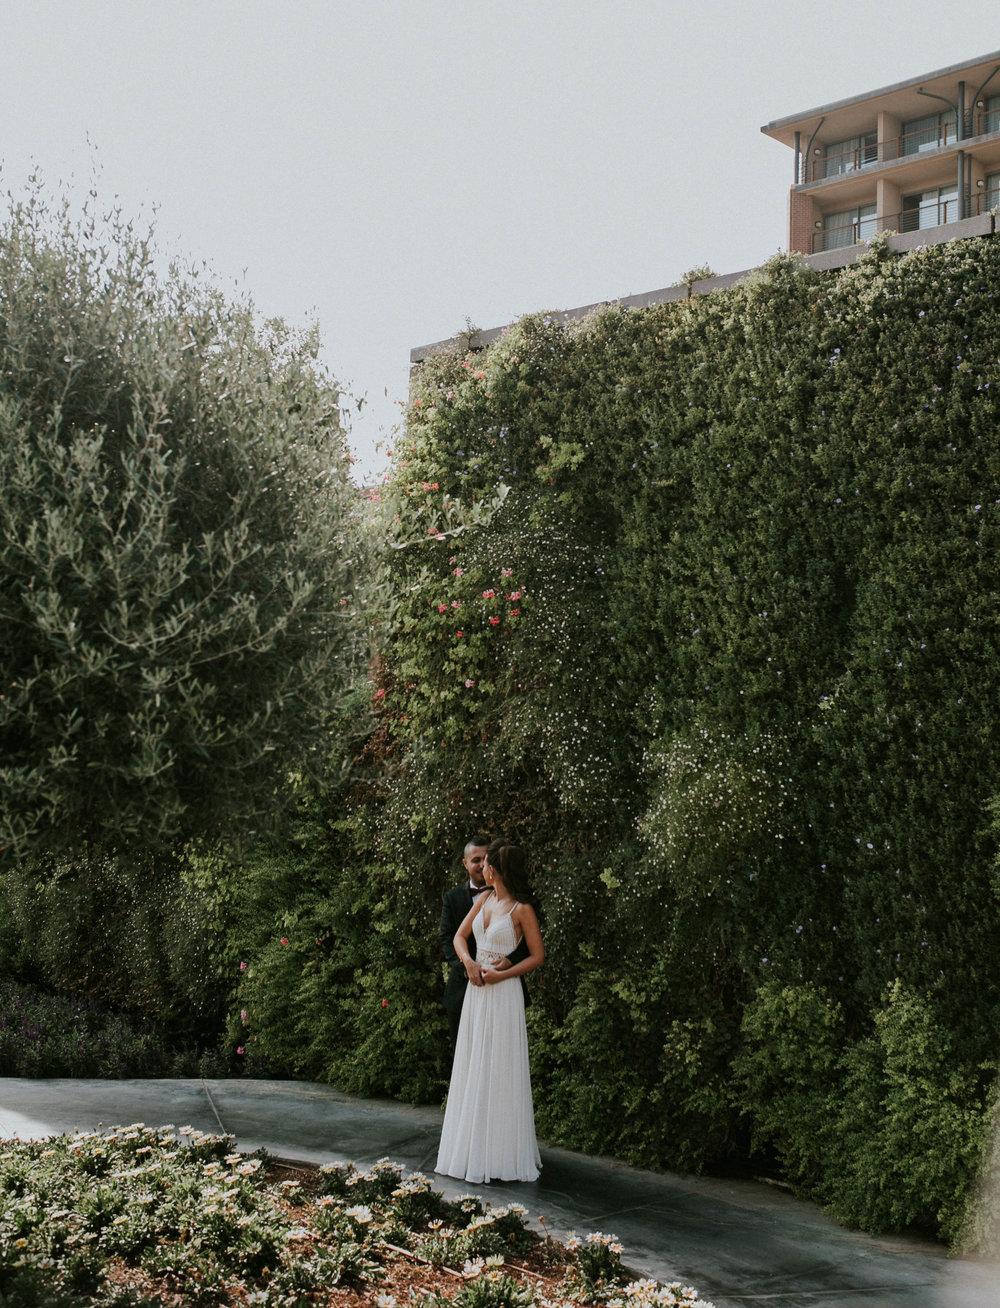 חתונה קטנה-הבאר של סבא-5942.JPG